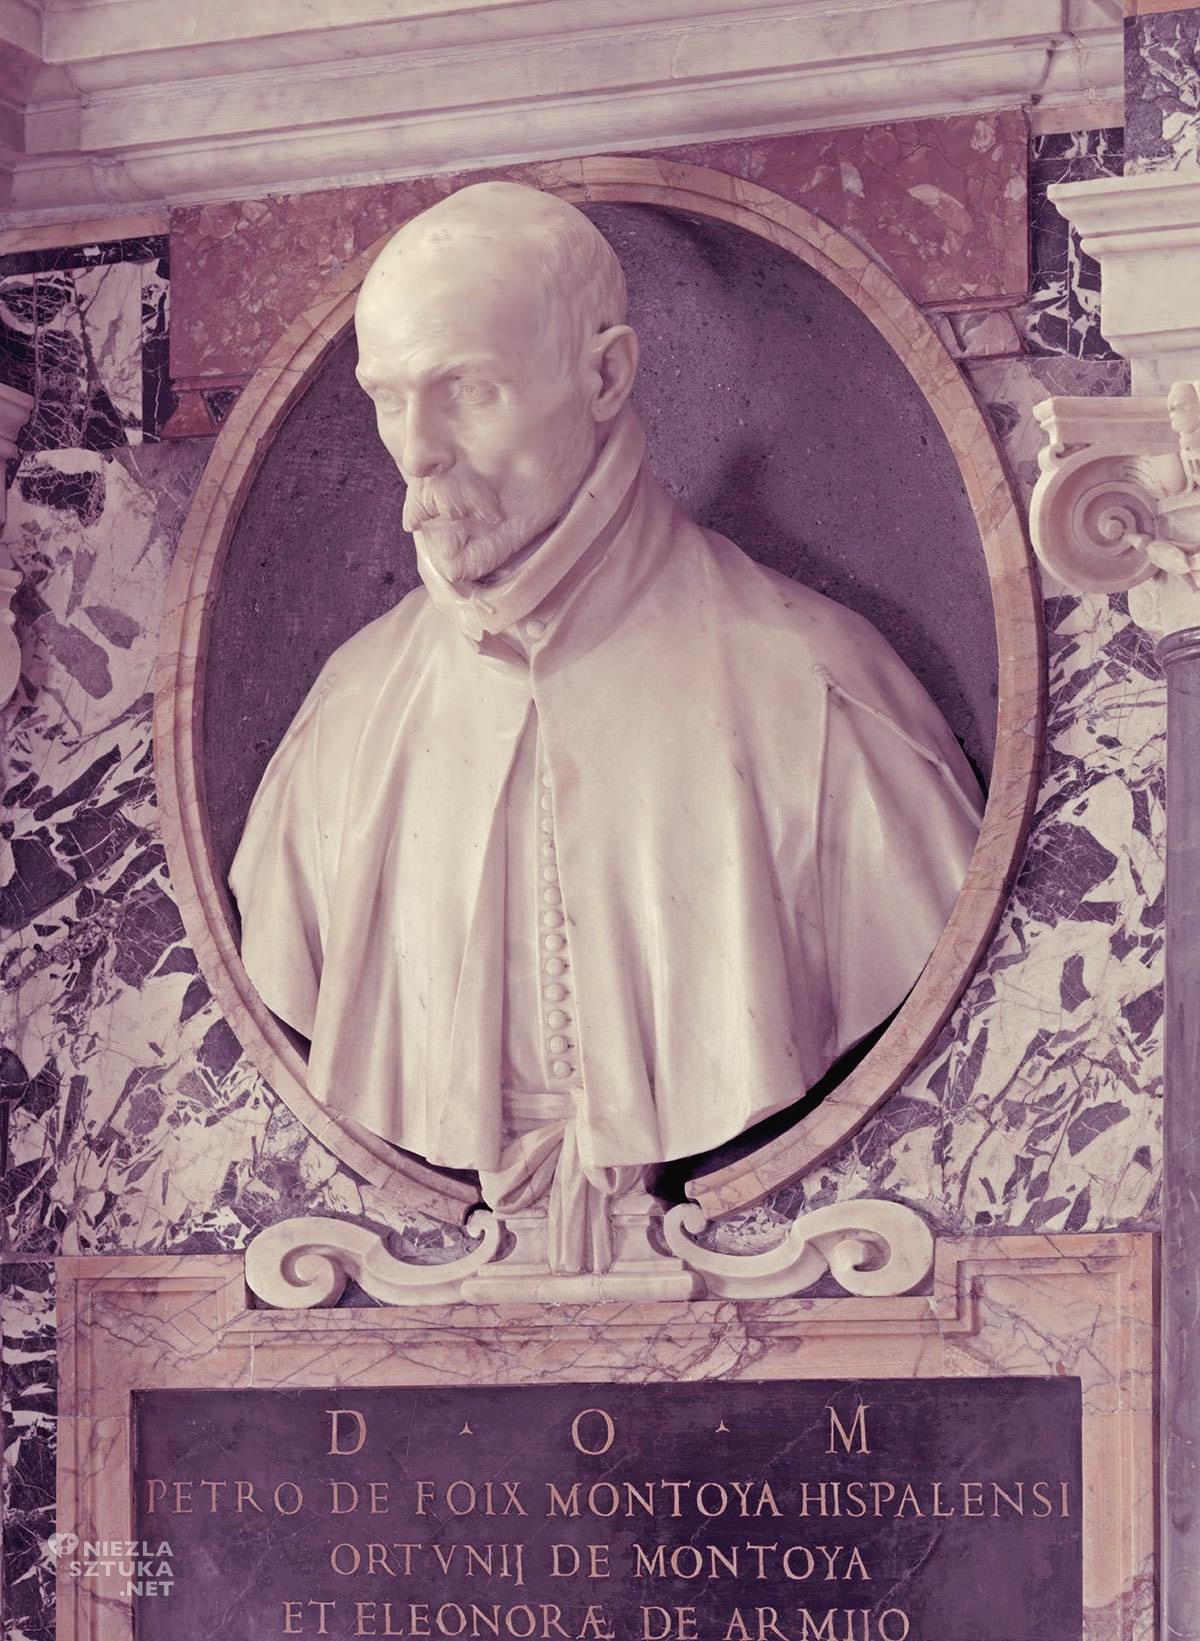 Gian Lorenzo Bernini, Nagrobek Pedra de Montoya, kościół Santa Maria di Monserrato, sztuka włoska, rzeźba, Rzym, przewodnik po Rzymie, sztuka w Rzymie, Niezła sztuka